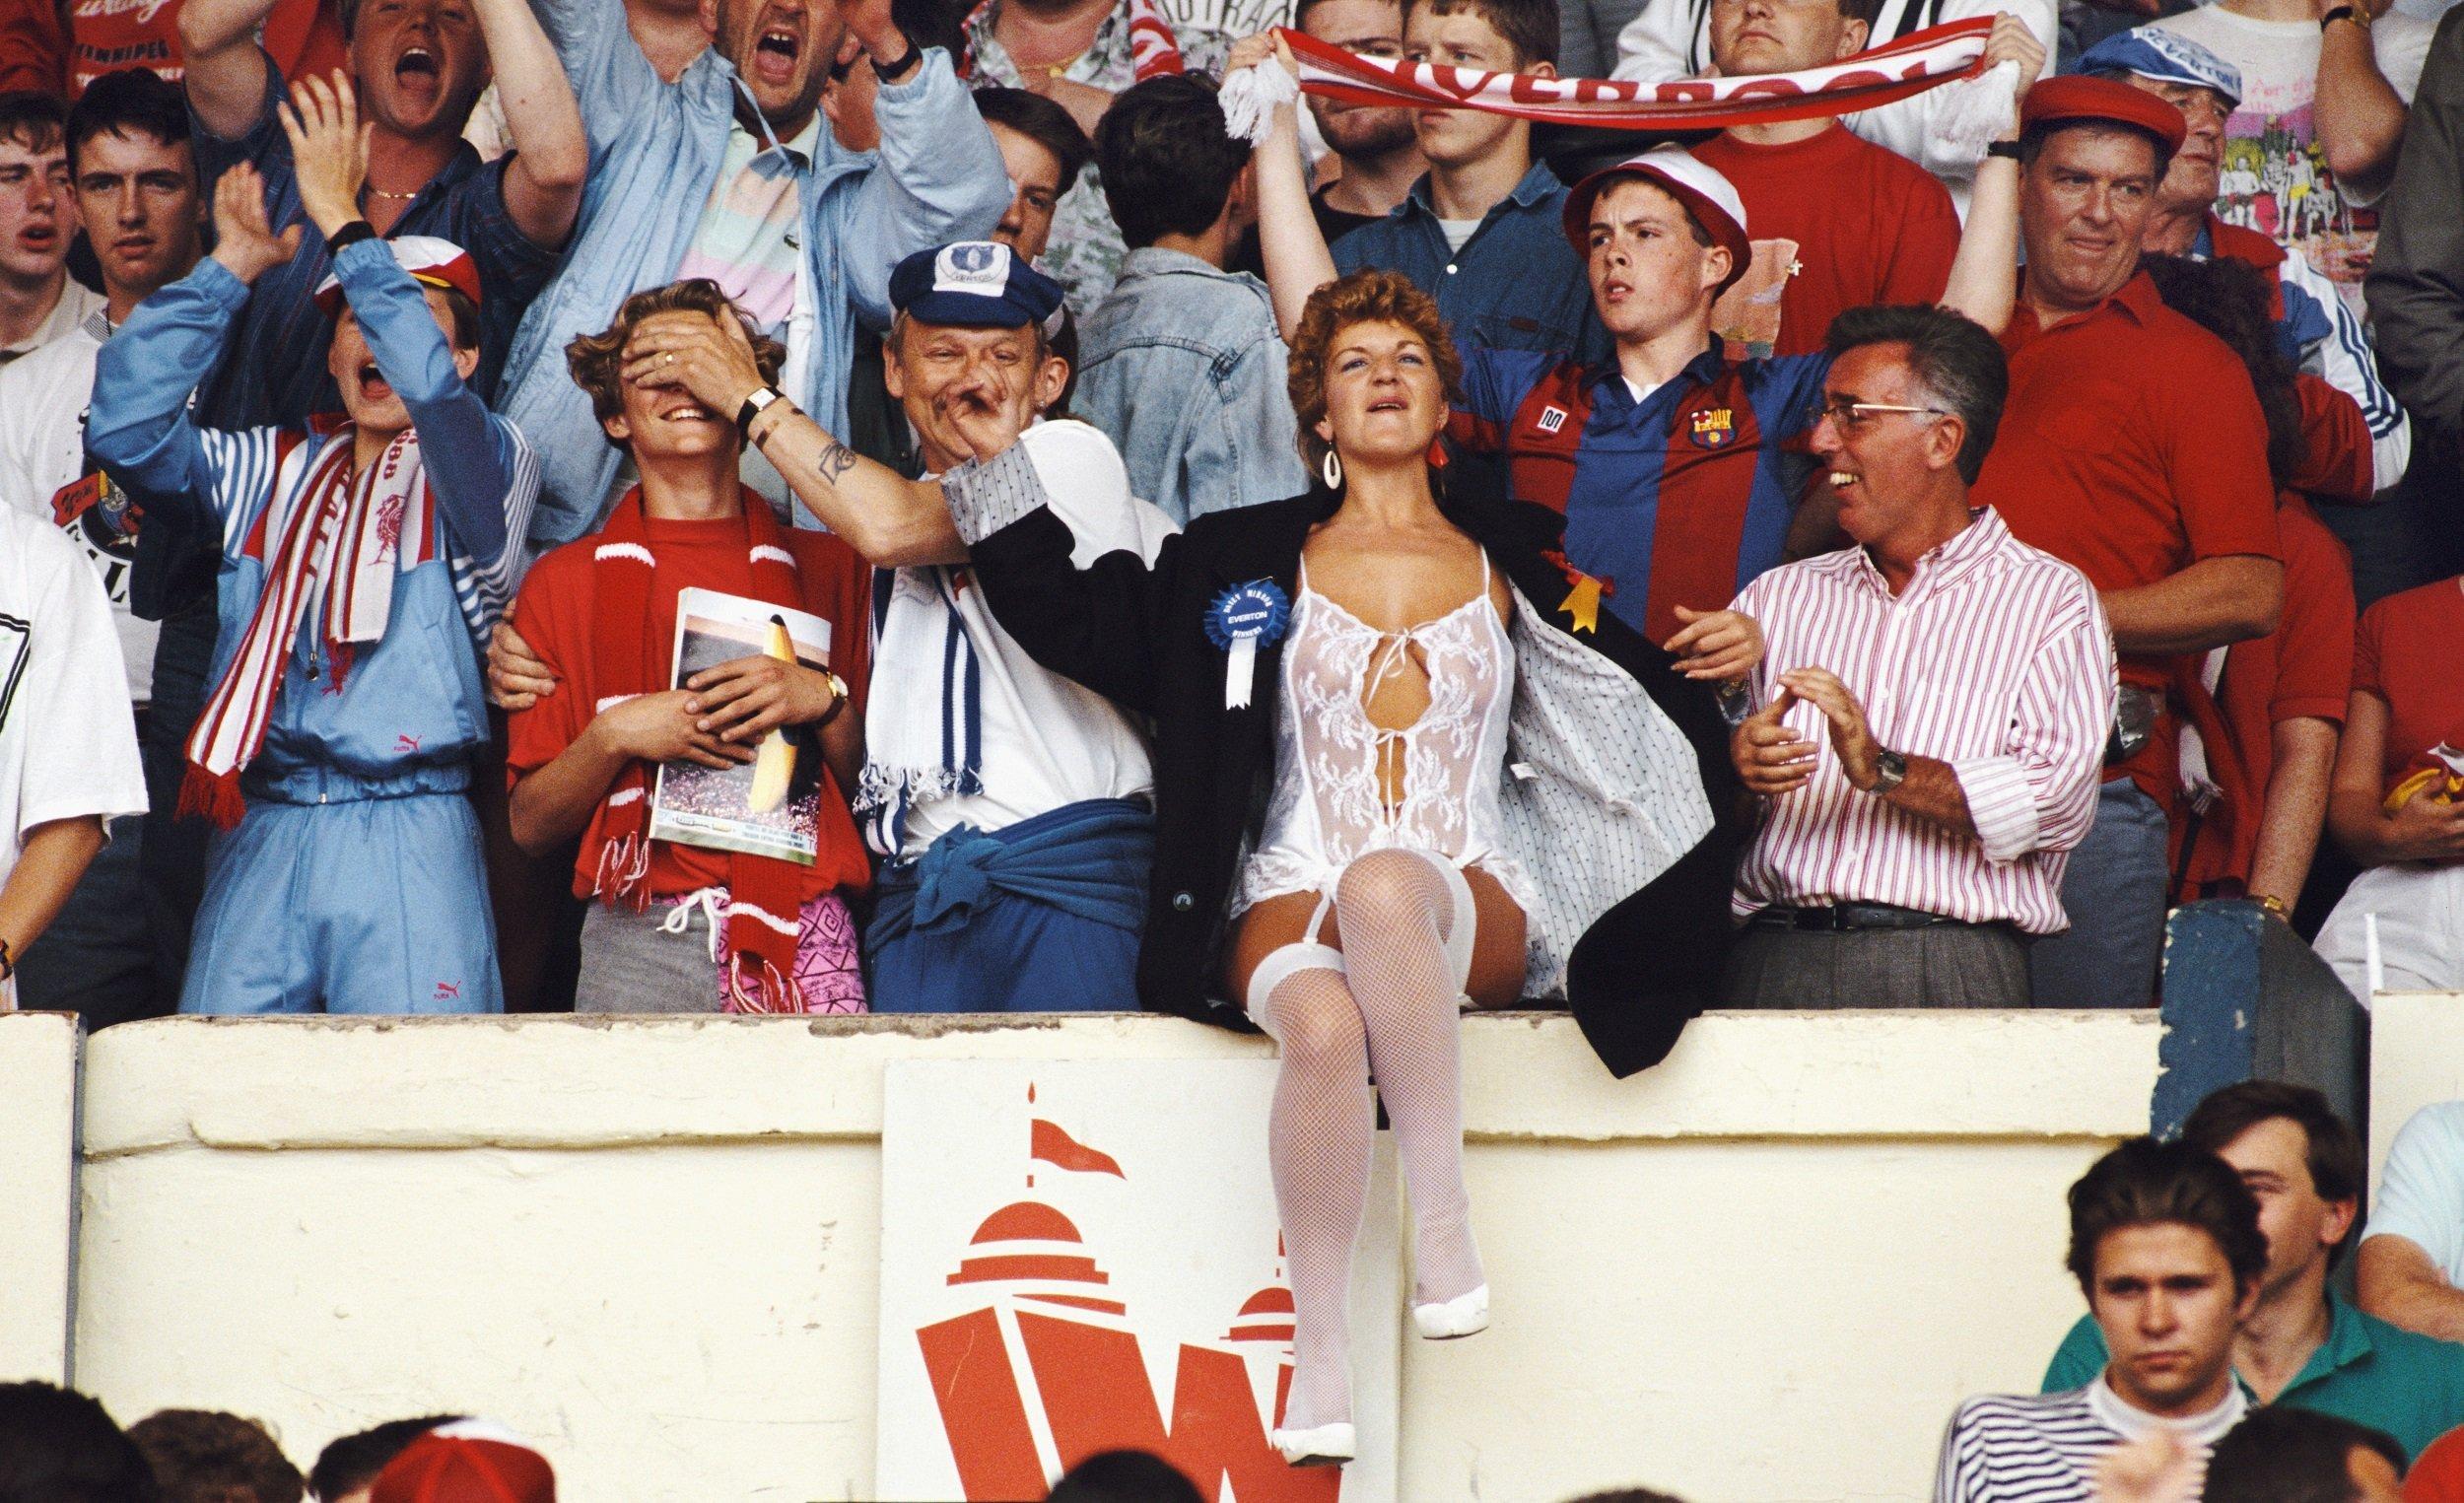 fa_cup_final_1989_simon_bruty_allsport